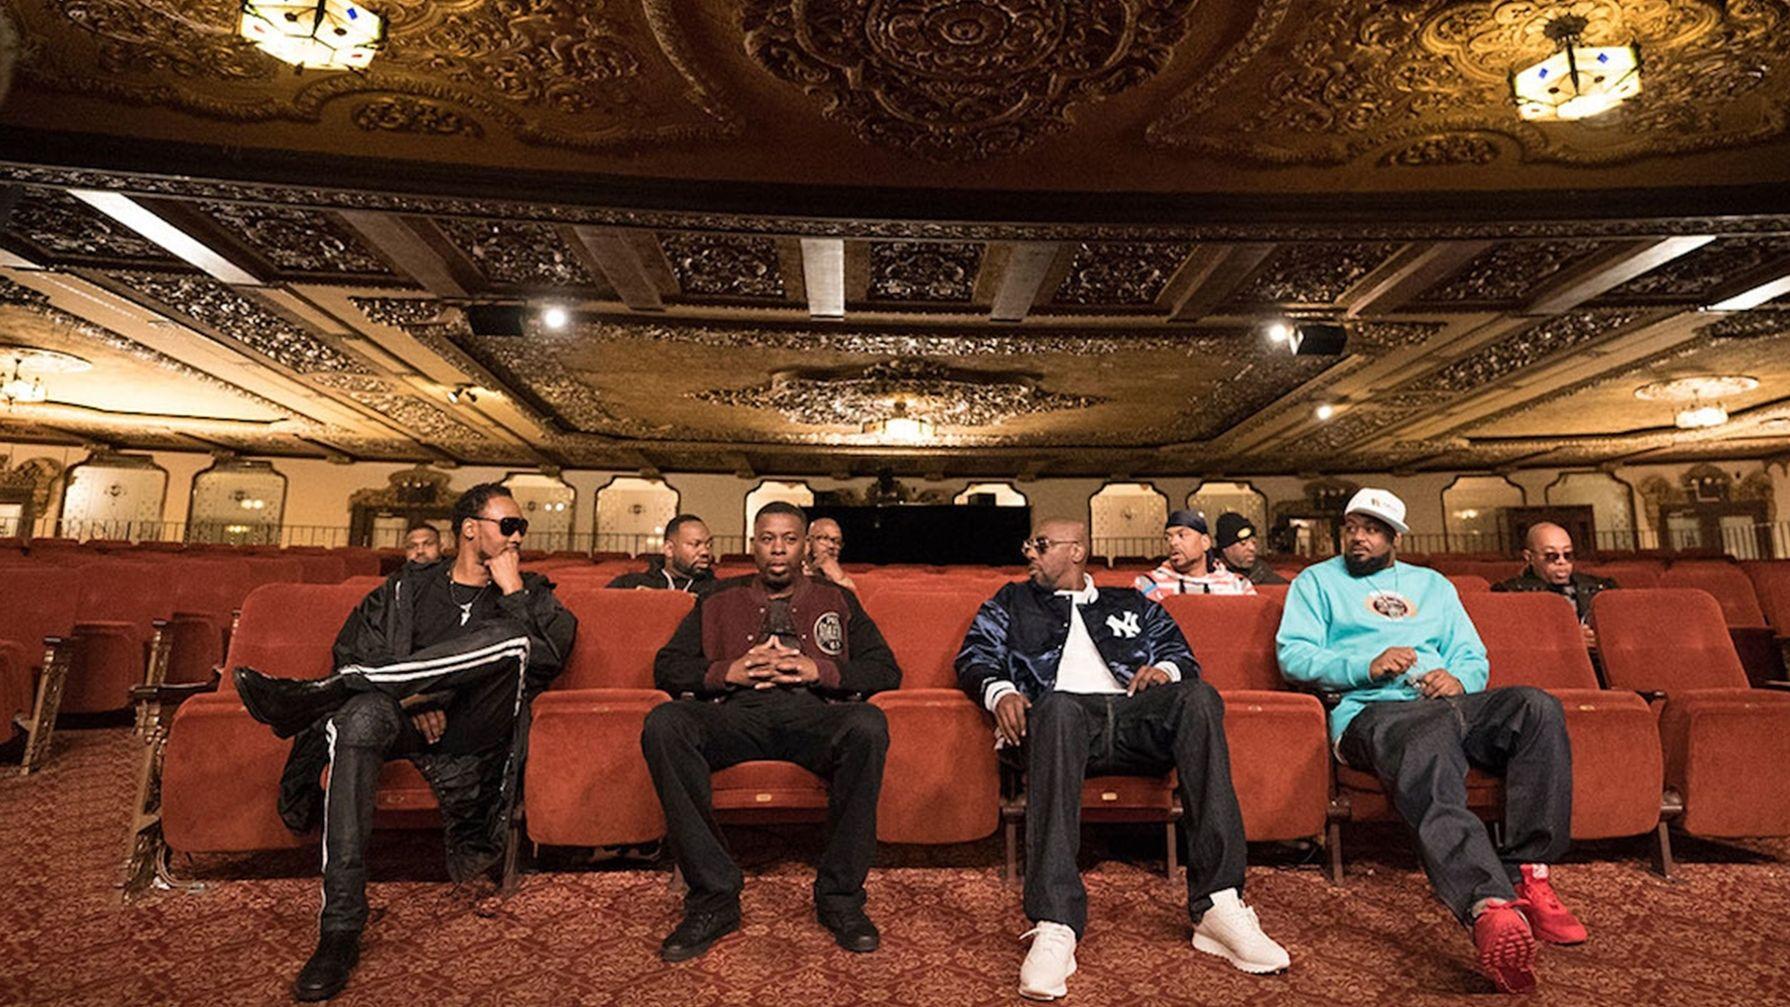 Die neun Mitglieder des Wu-Tang Clans sitzen in einem Theatersaal